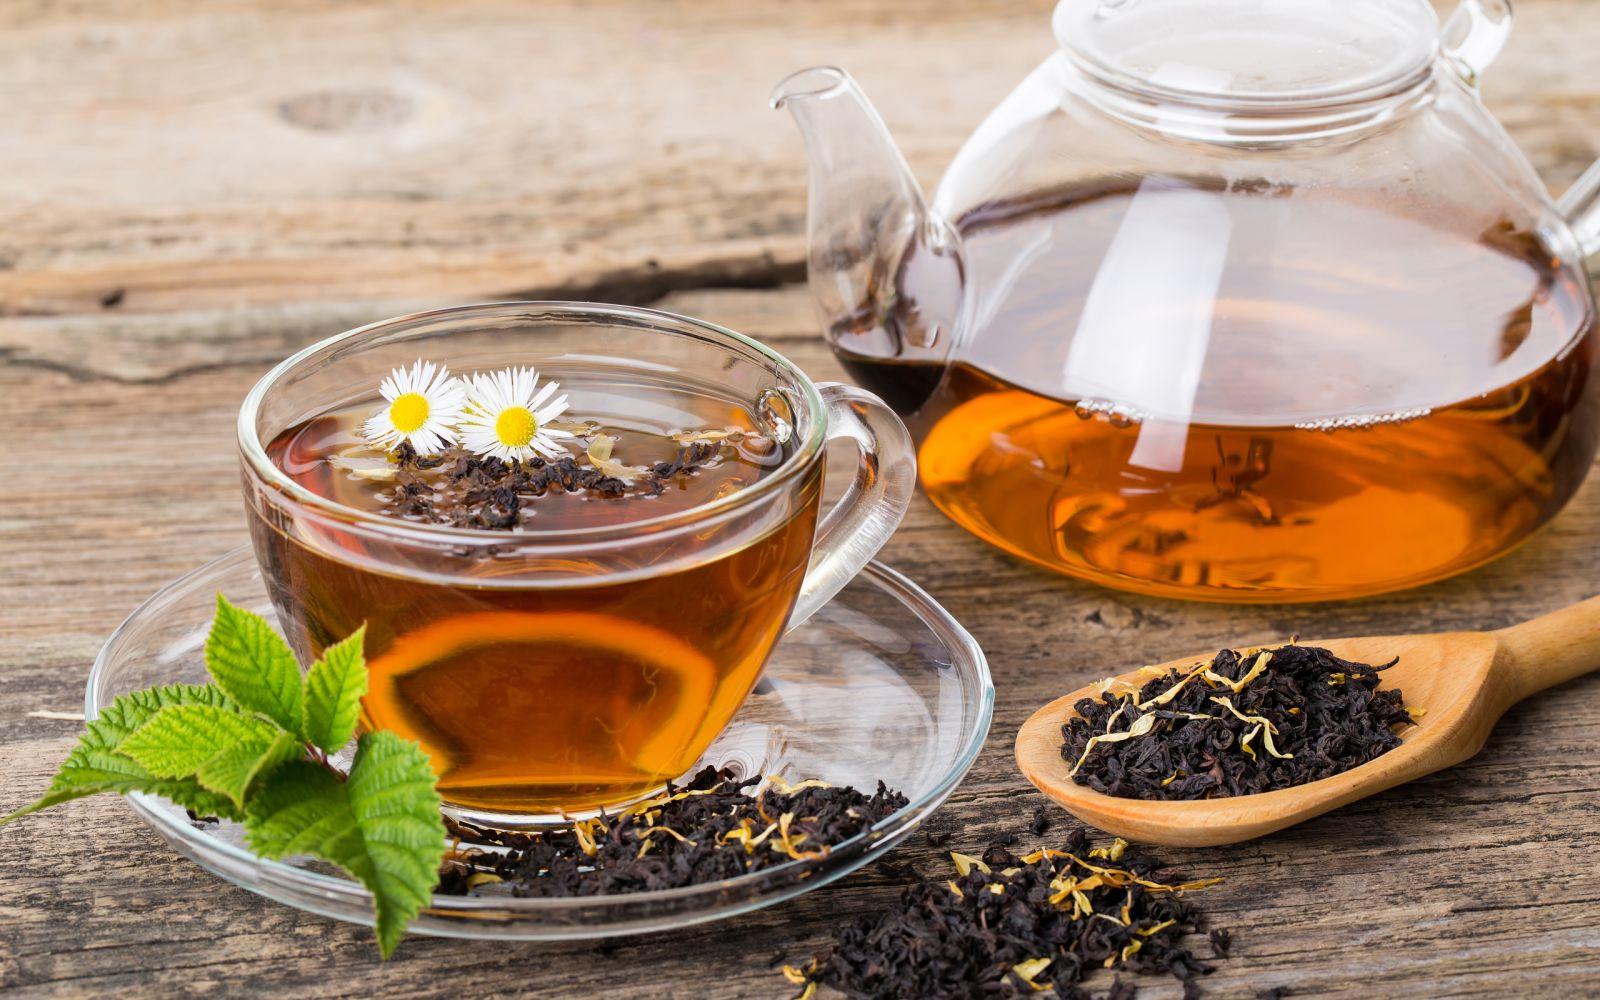 С 5 июля по 30 августа в Петербурге будет проходить выставка под названием «Чай и кофе с церемониями и без…»